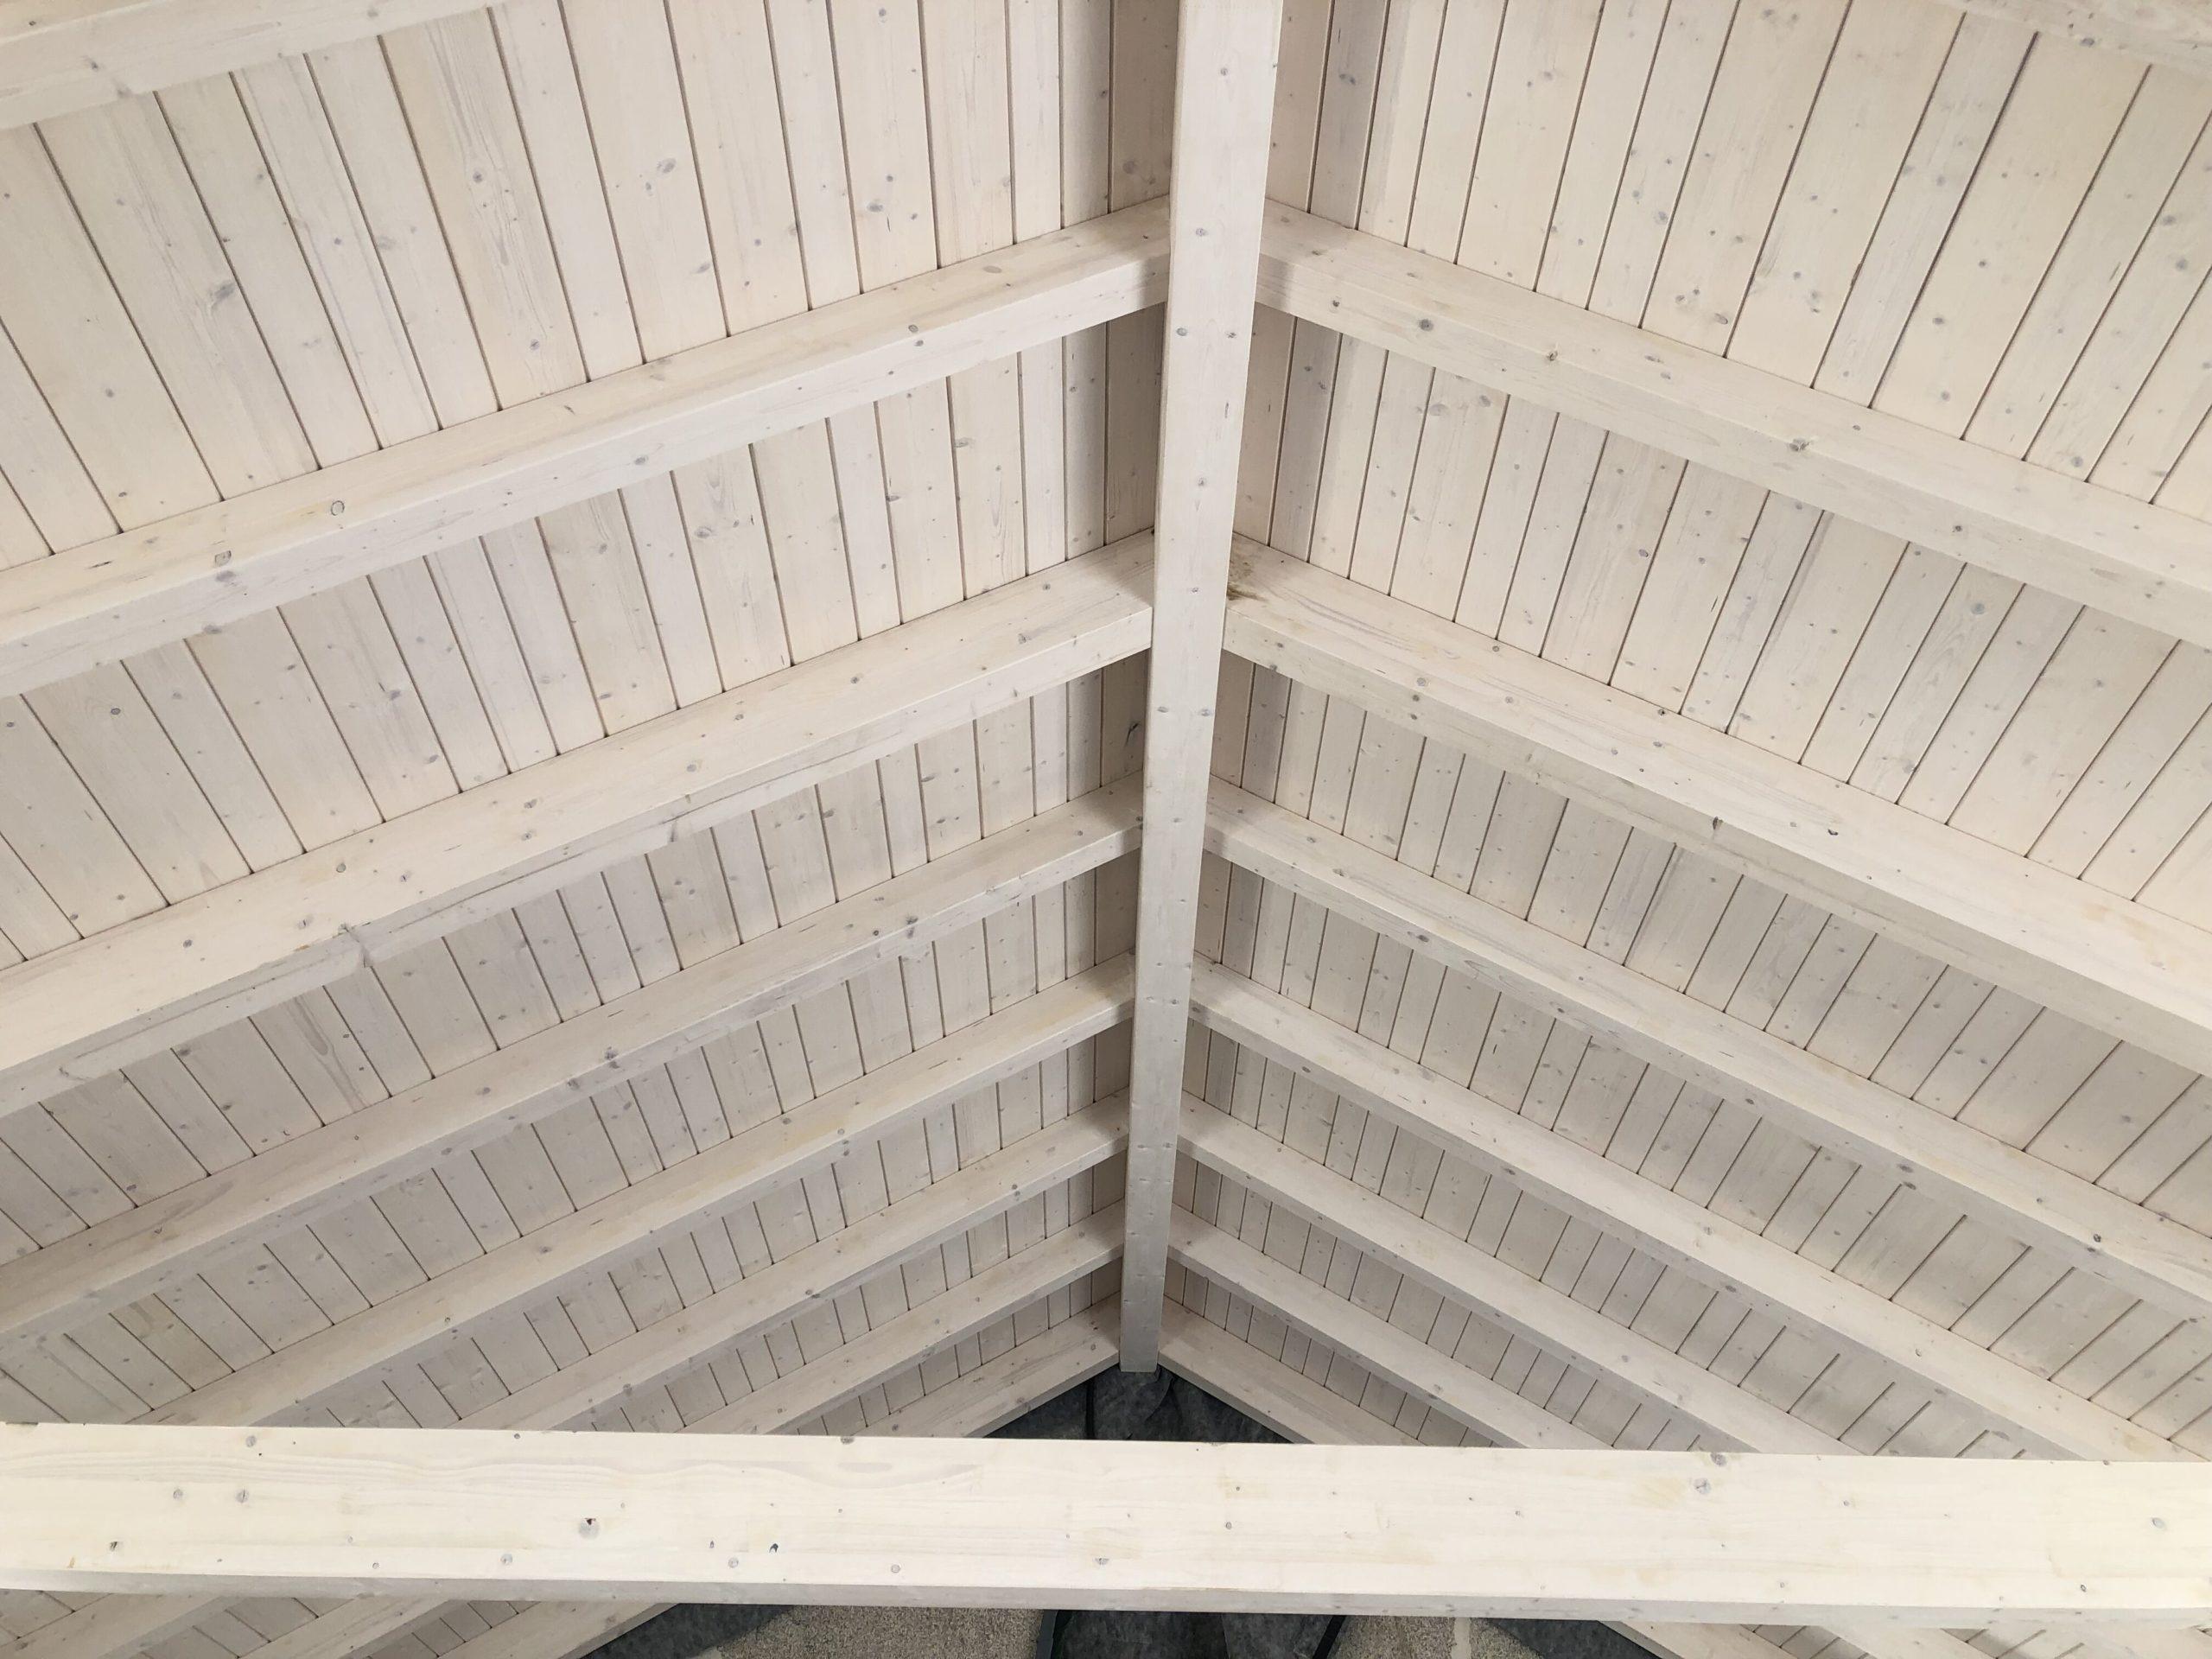 interior cubierta